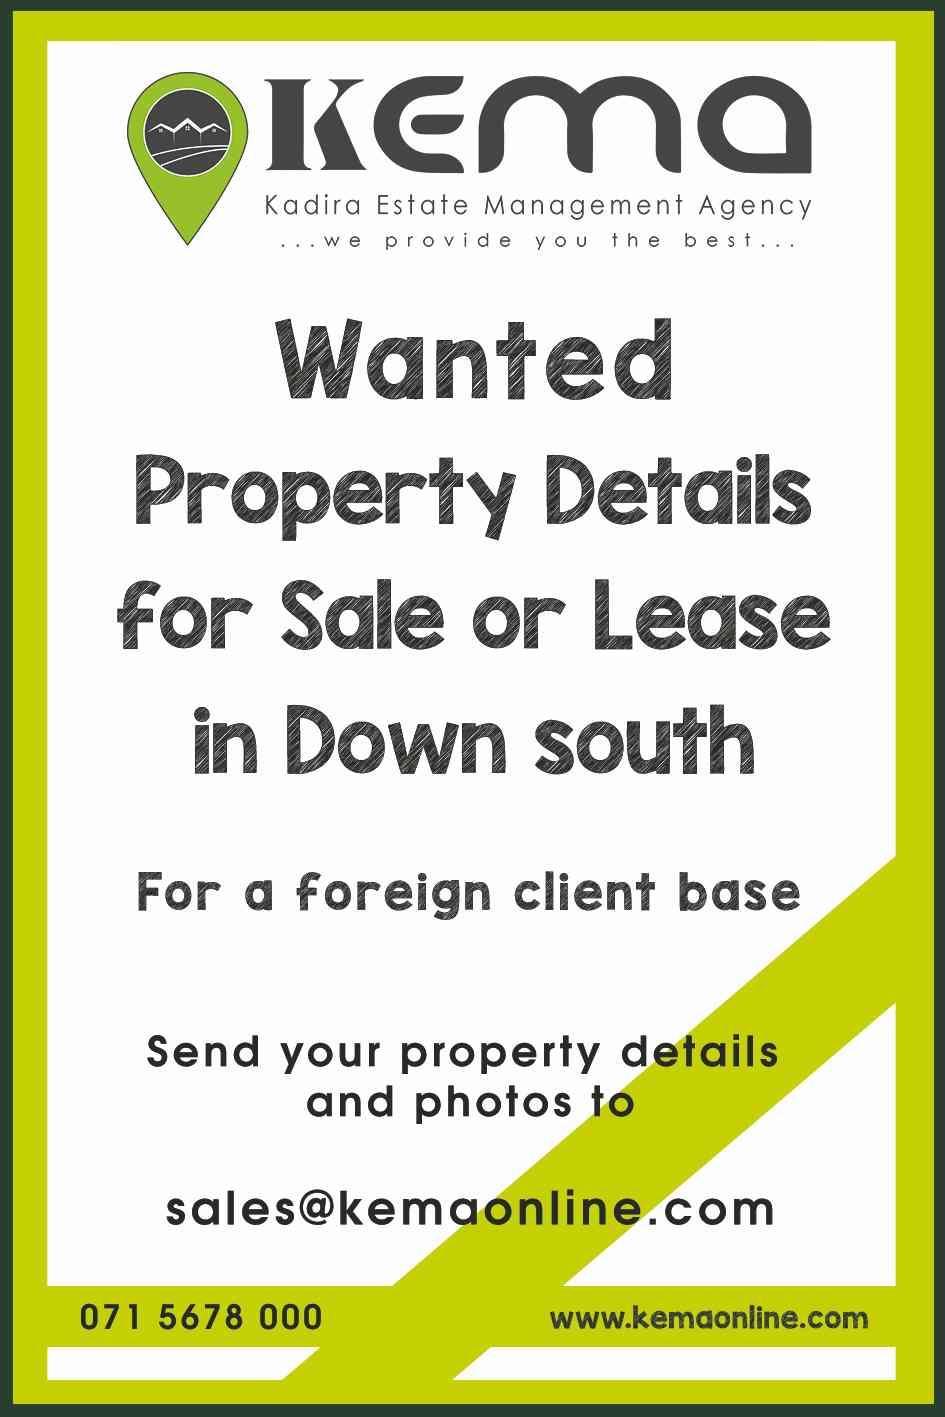 Kema property wanted